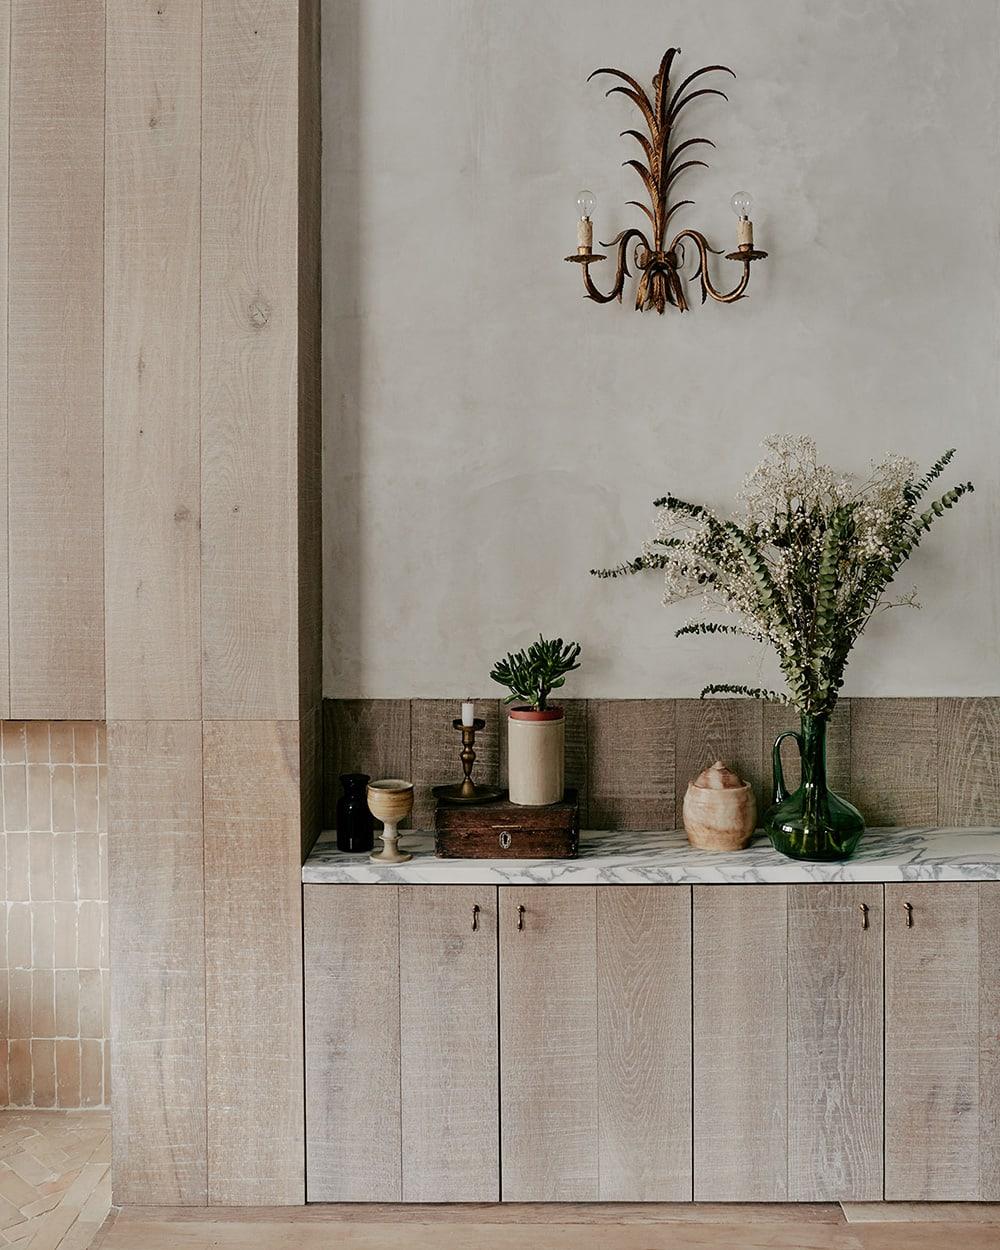 chan-eayres-weavers-house-detail.jpg